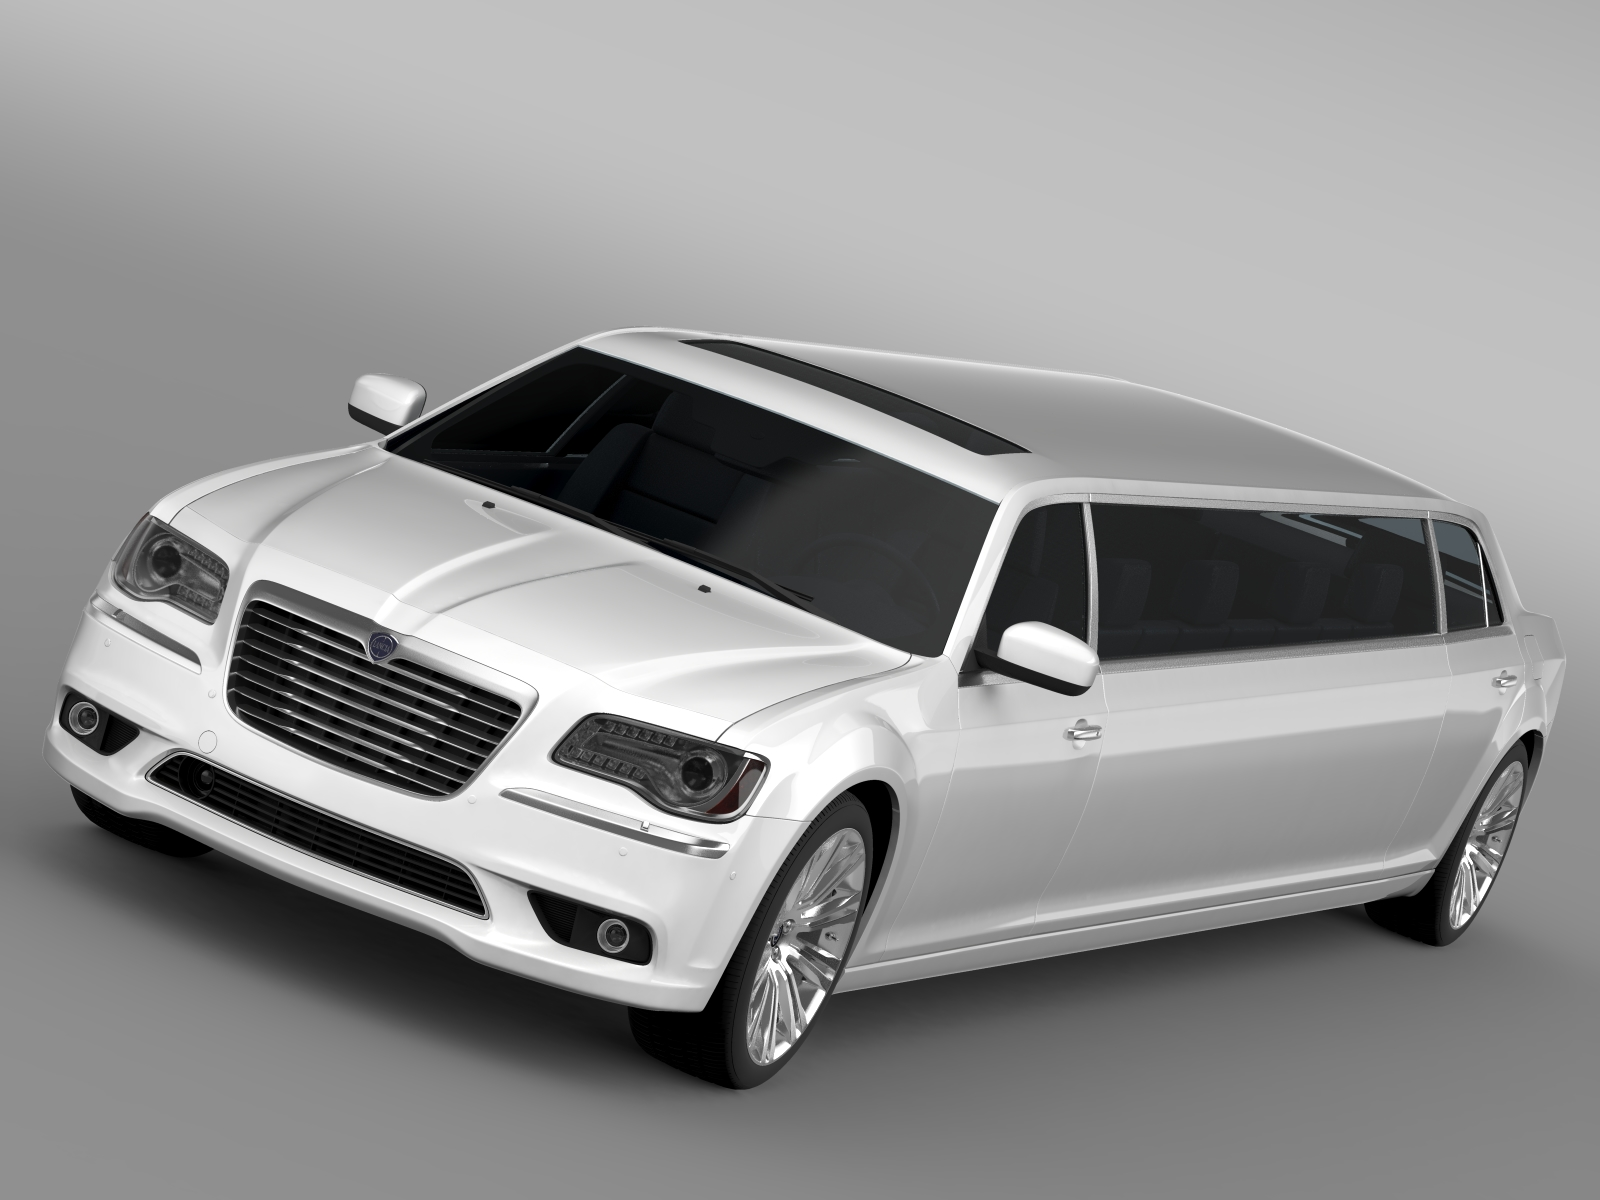 lancia thema limousine 3d model 3ds max fbx c4d lwo ma mb hrc xsi obj 212847